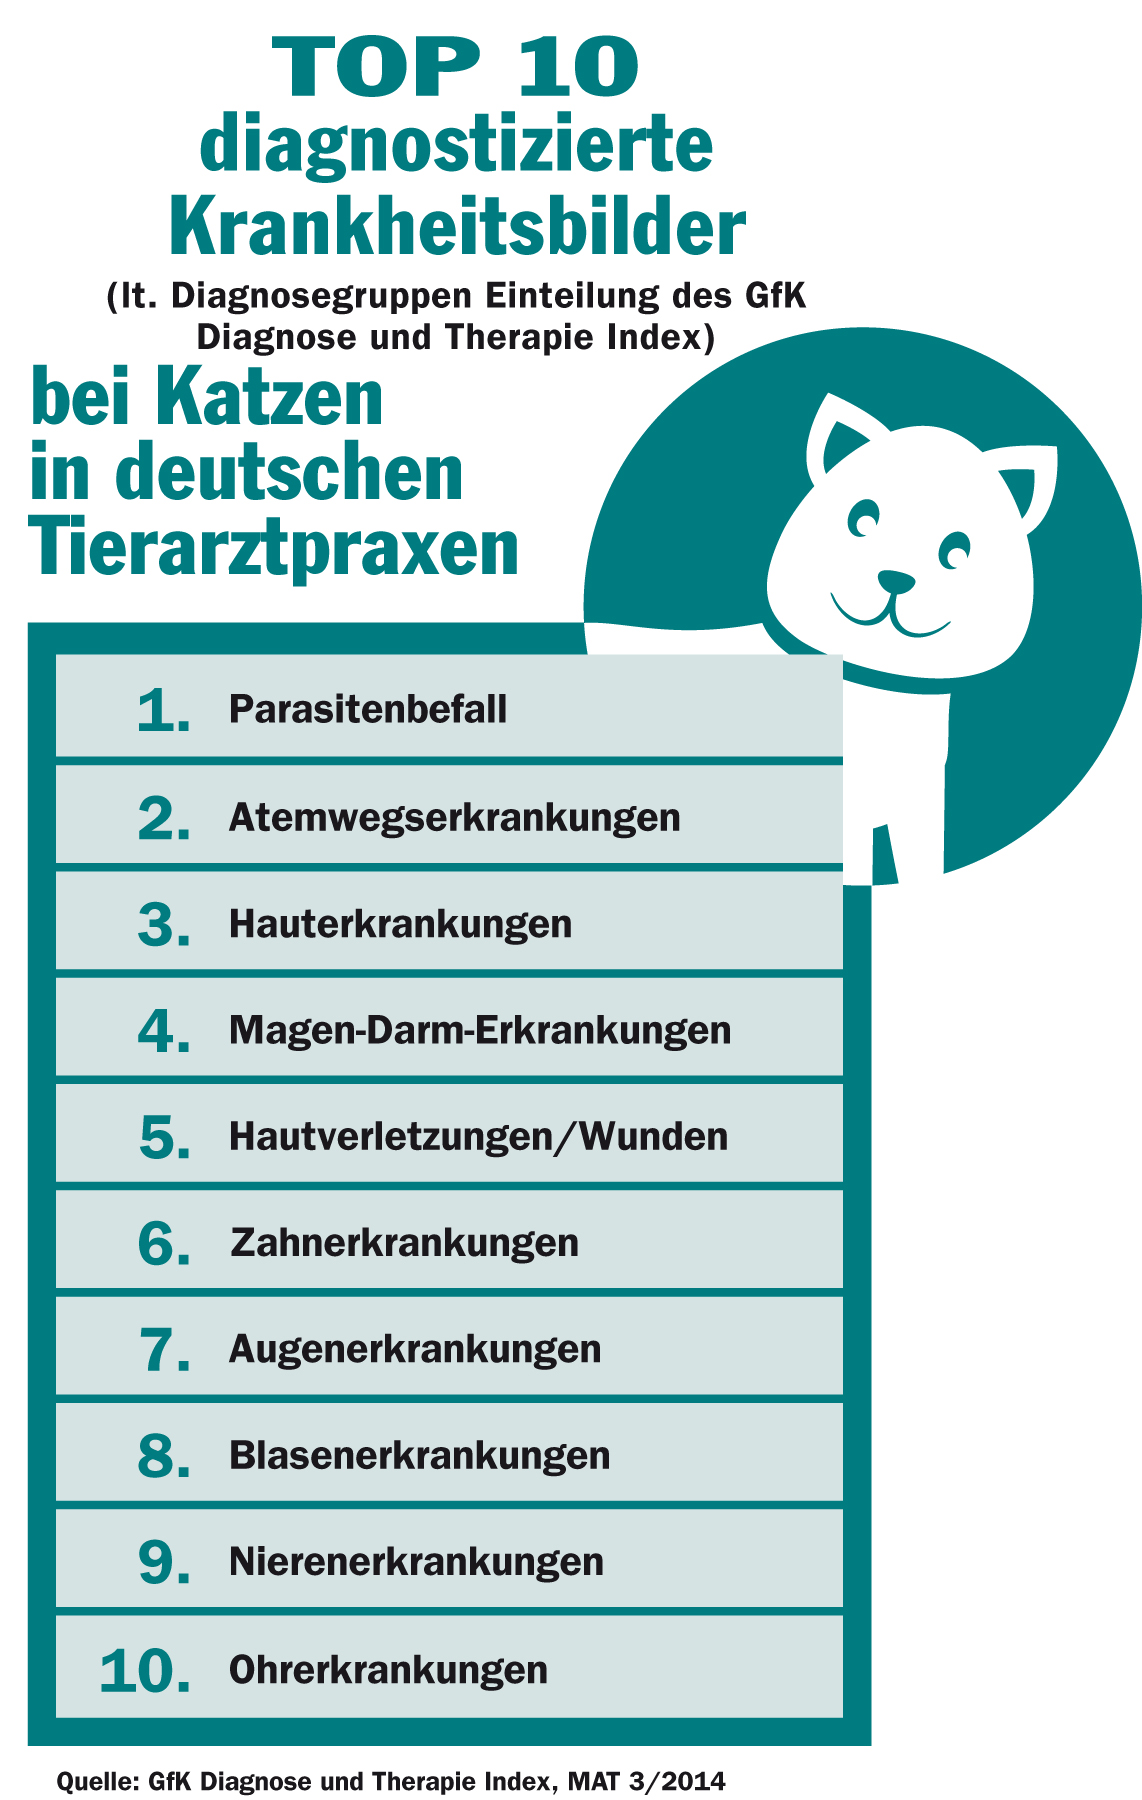 op-10 der häufigsten Krankheiten bei Katzen. (Grafik: © Bundesverband für Tiergesundheit e.V.)